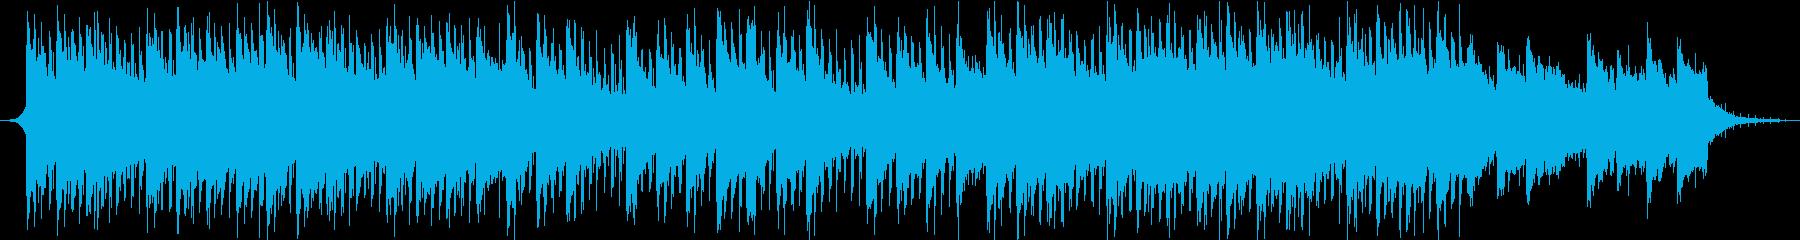 【コーポレート・企業】幻想的・ゆったり②の再生済みの波形